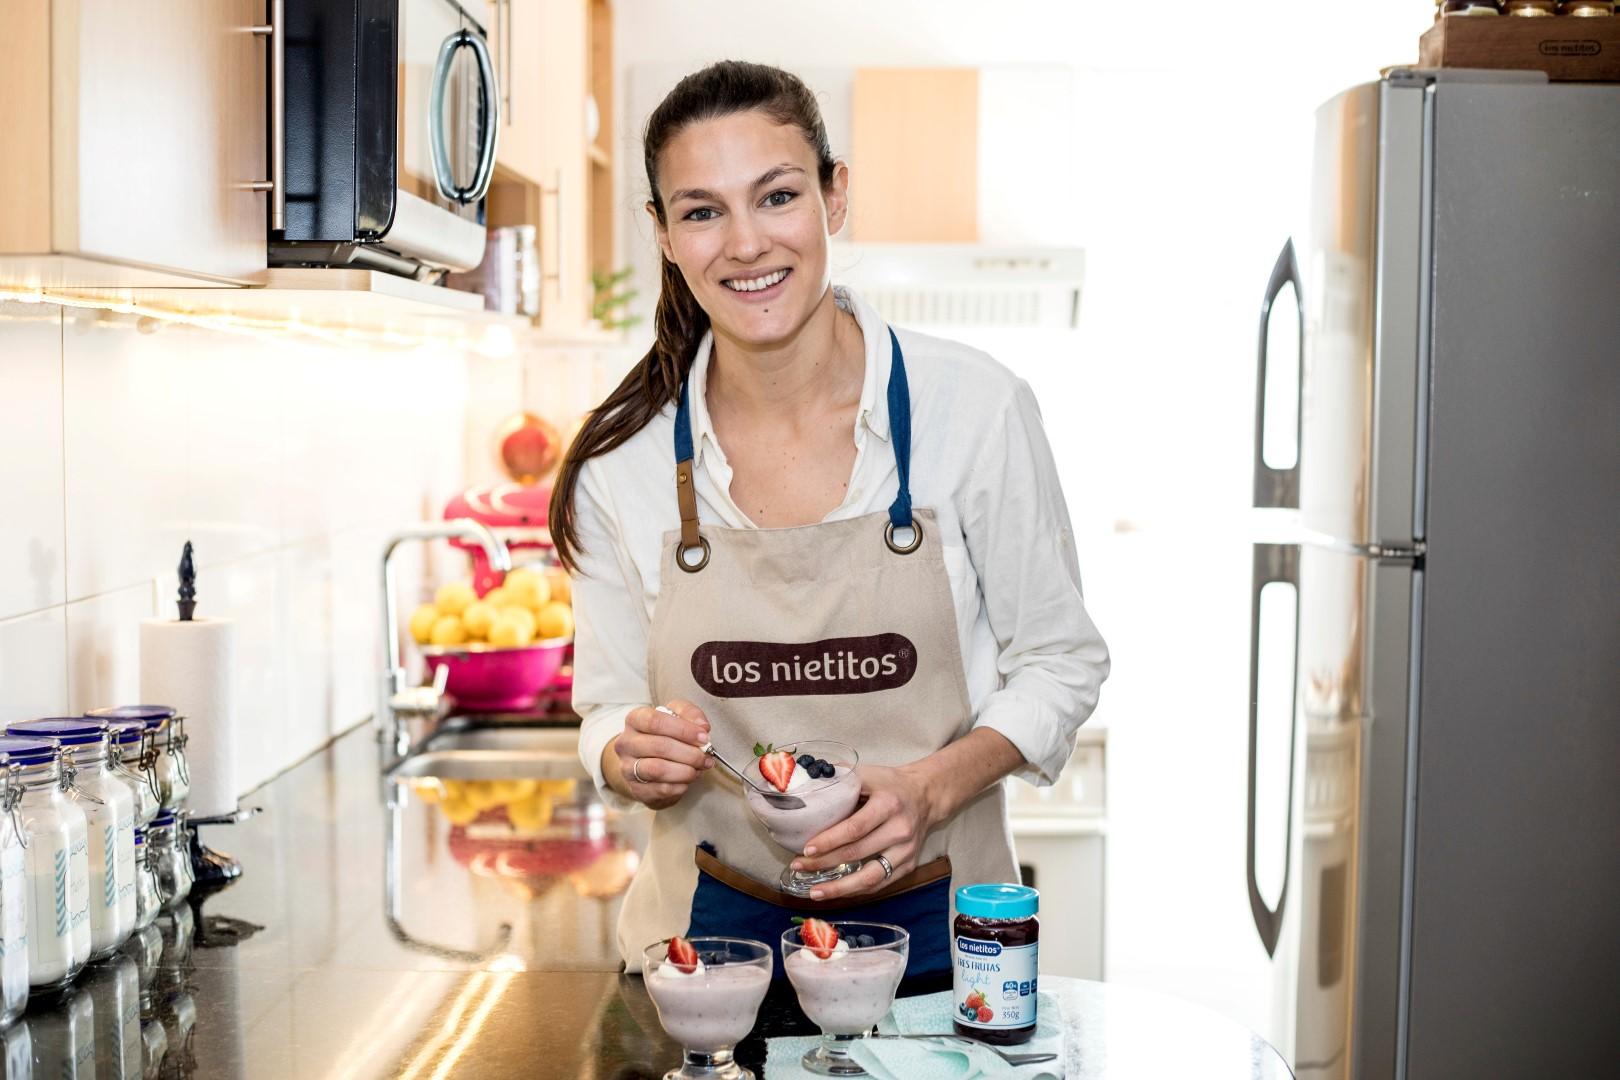 receta de mousse light, bajo en calorías, recetas de cocina.